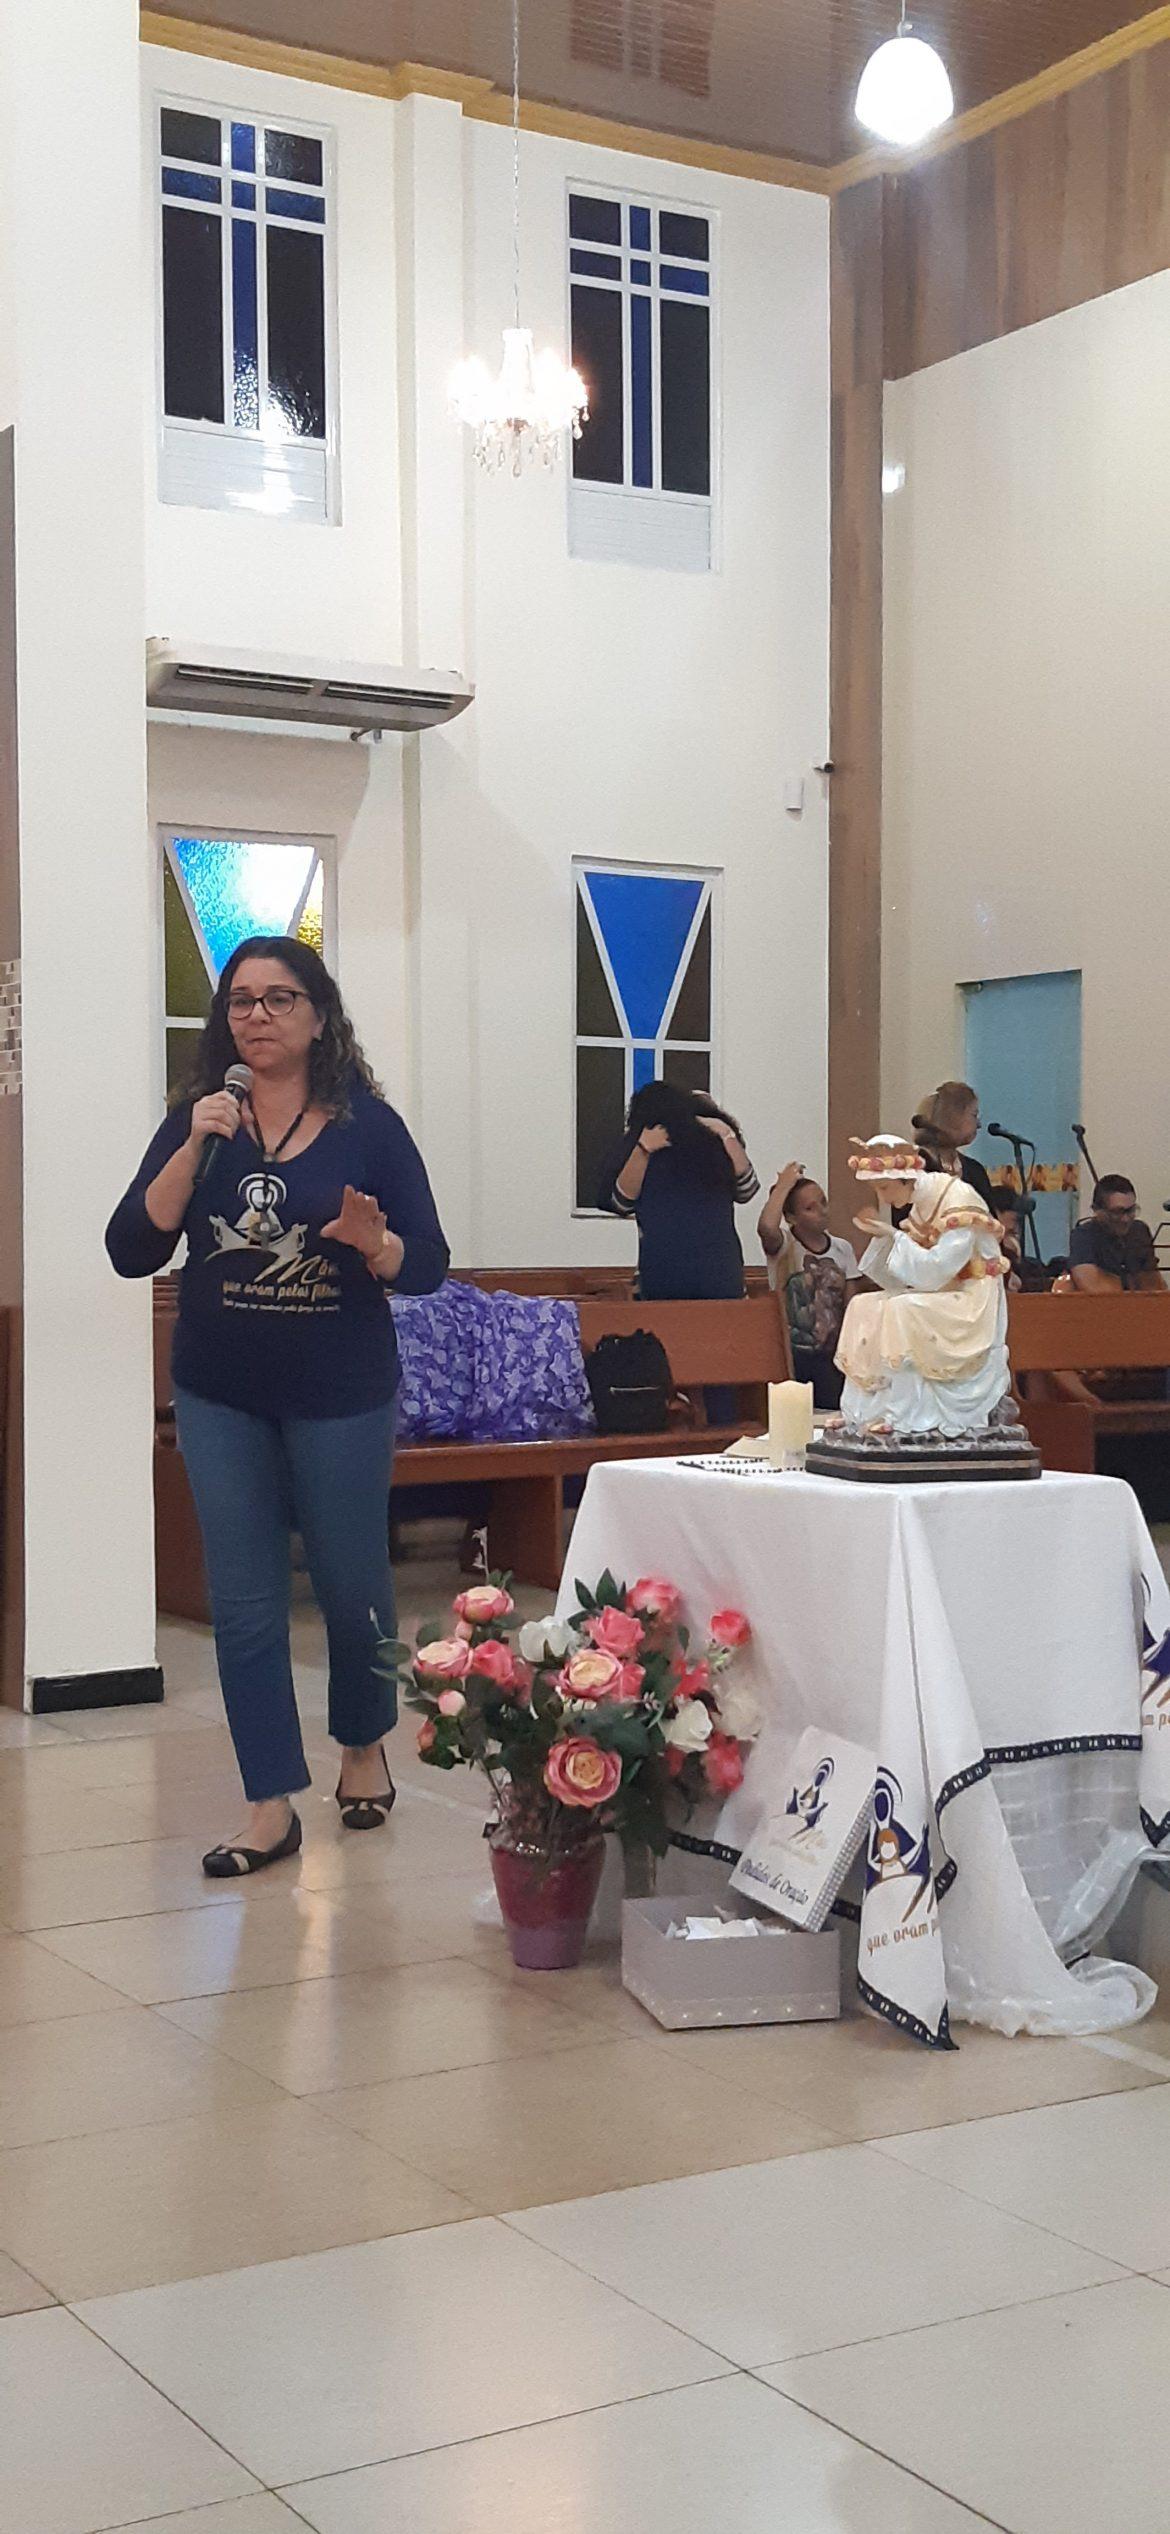 ENCONTRO DO GRUPO DE MÃES DA PARÓQUIA NOSSA SENHORA DO PERPÉTUO SOCORRO – MANAUS/AM